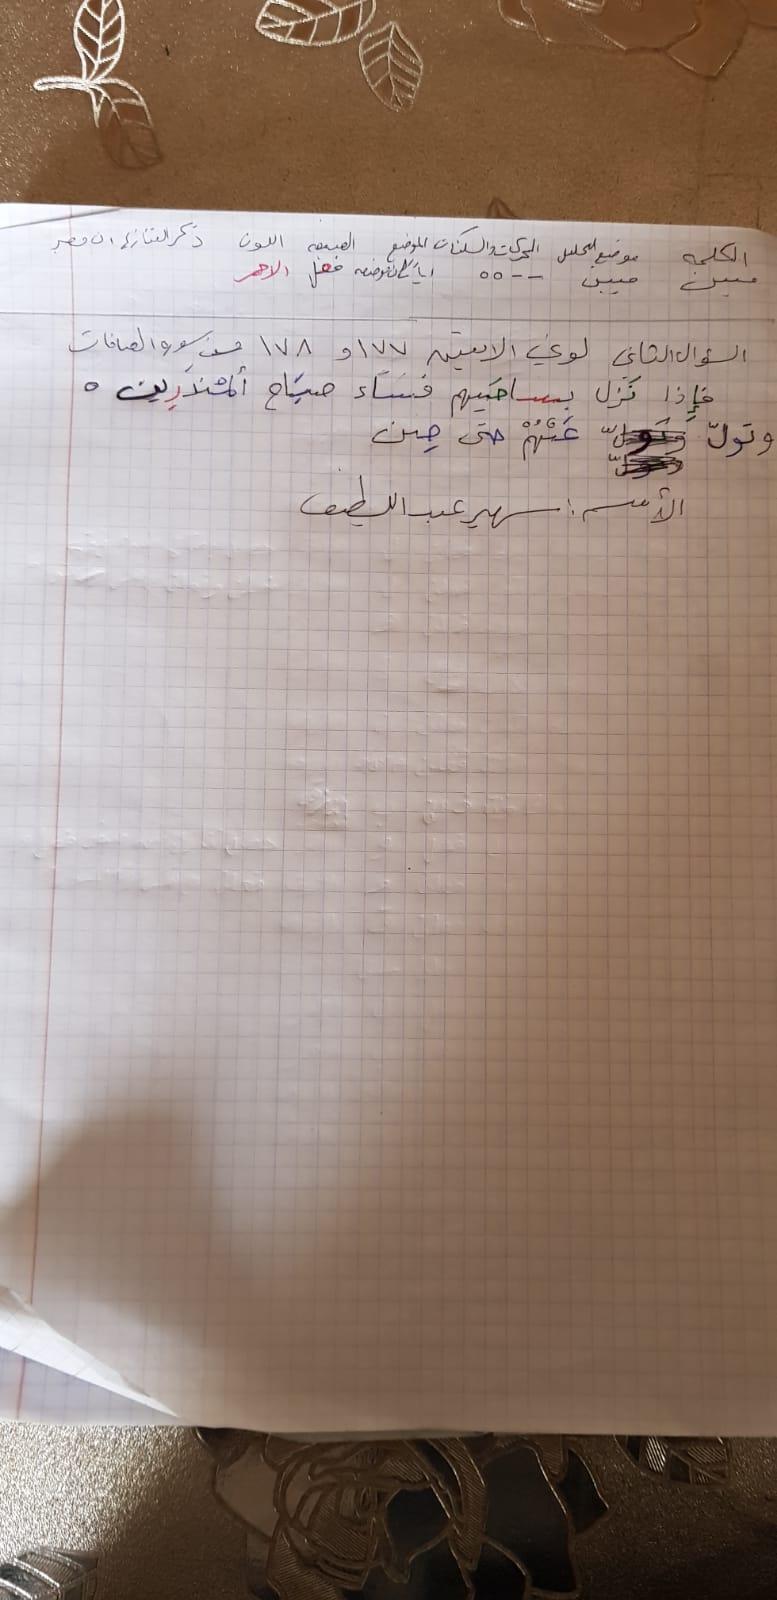 الواجب الخامس / الدورة الخامسة O_oc_a27